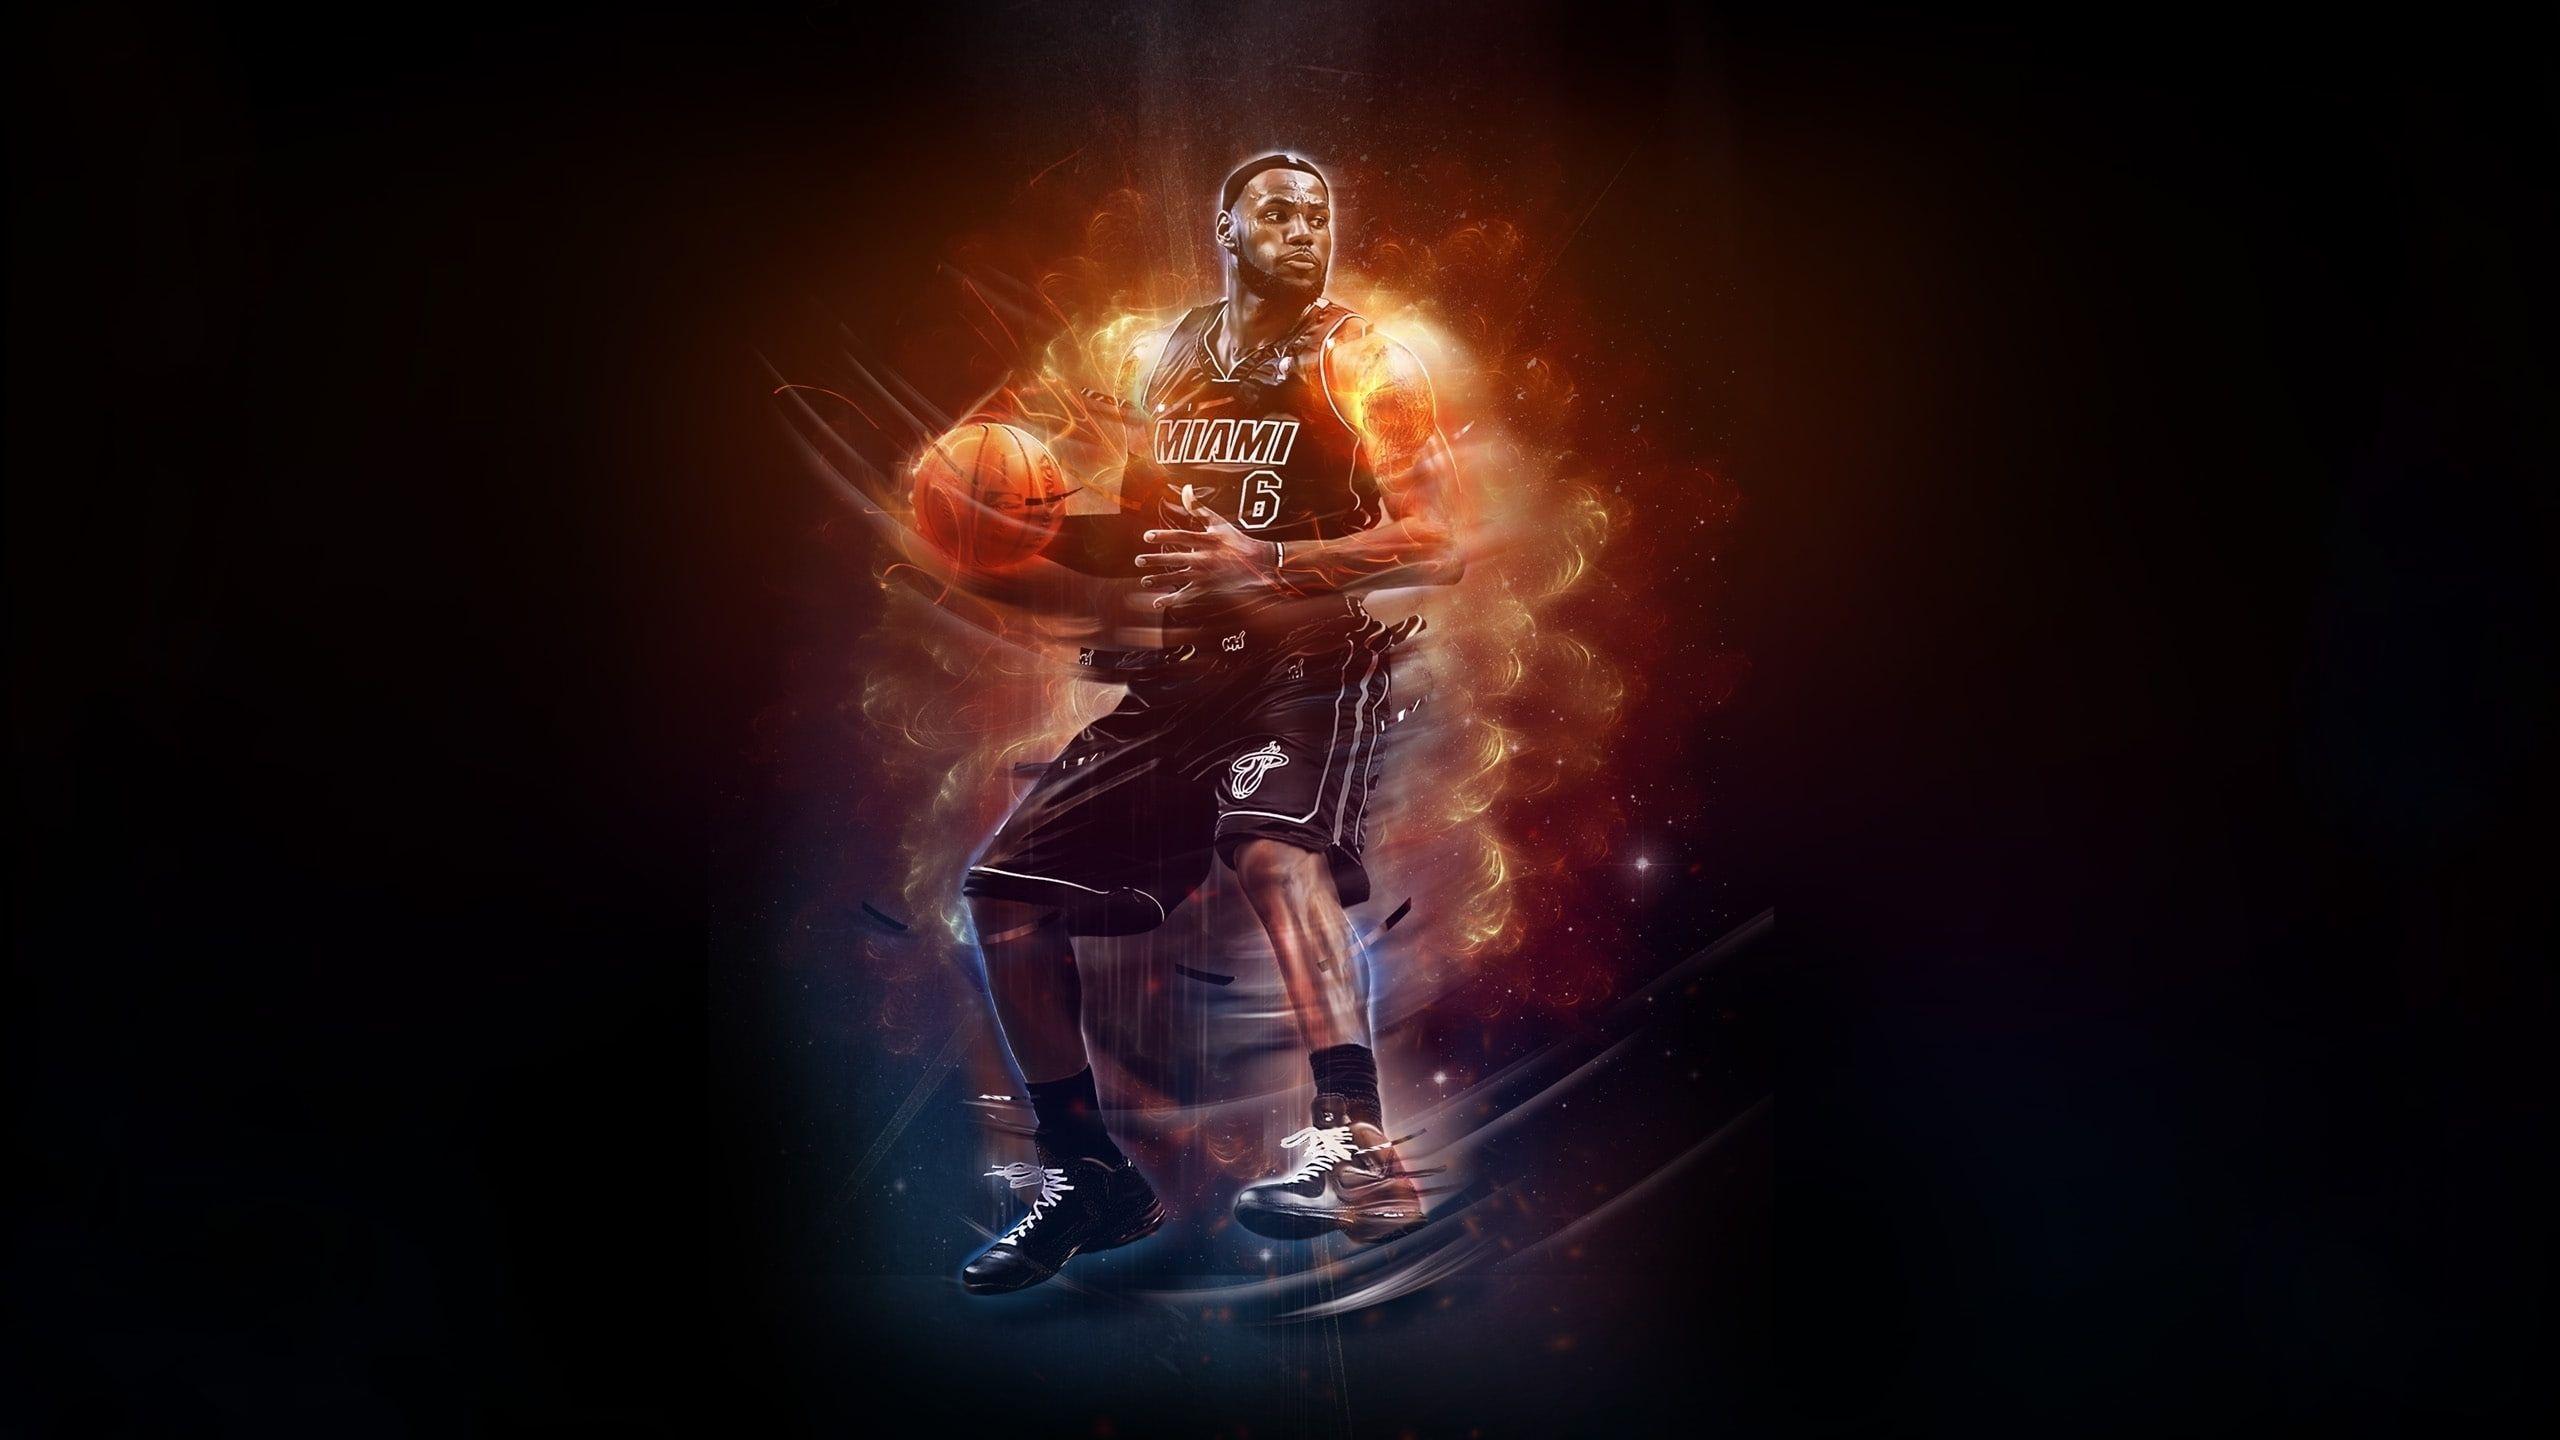 Lebron James Nba Wallpaper Basketball Player James Lebron Nba Player In 2020 Lebron James Nba Wallpapers Basketball Players